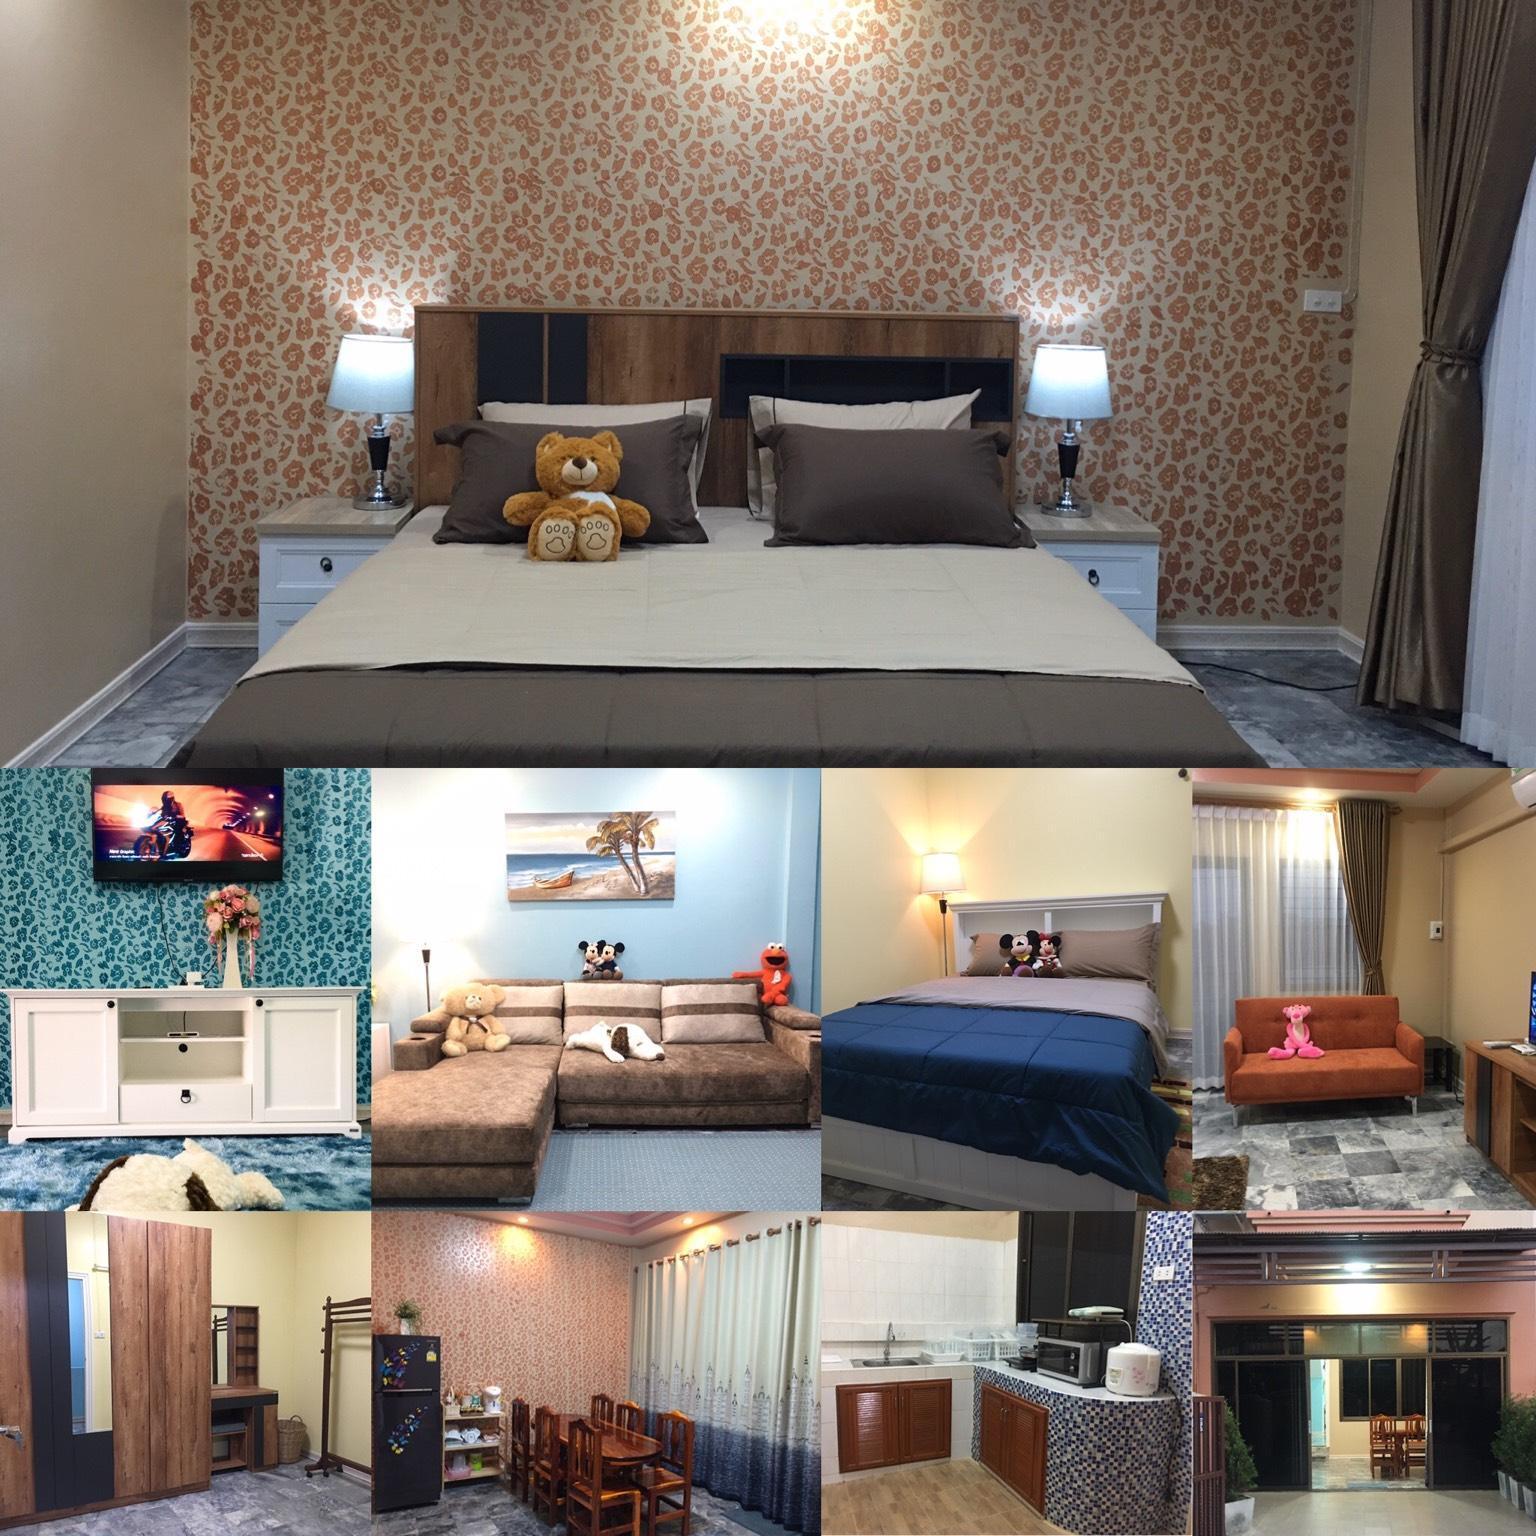 House For Rent  Day @ Sai Fon 2 Village Khon Kaen